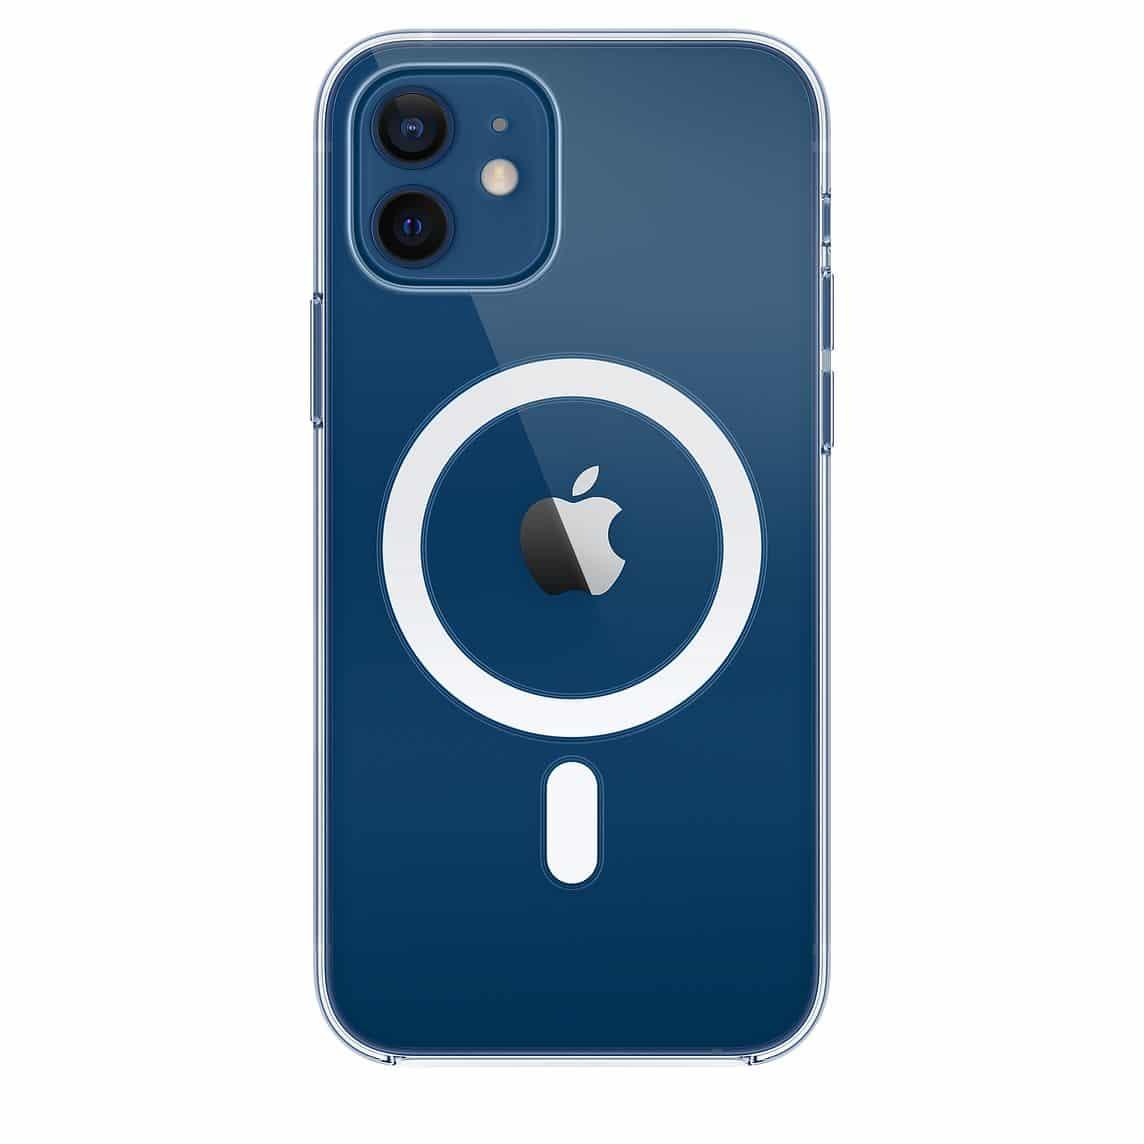 Case Transparente com MagSafe para iPhone 12